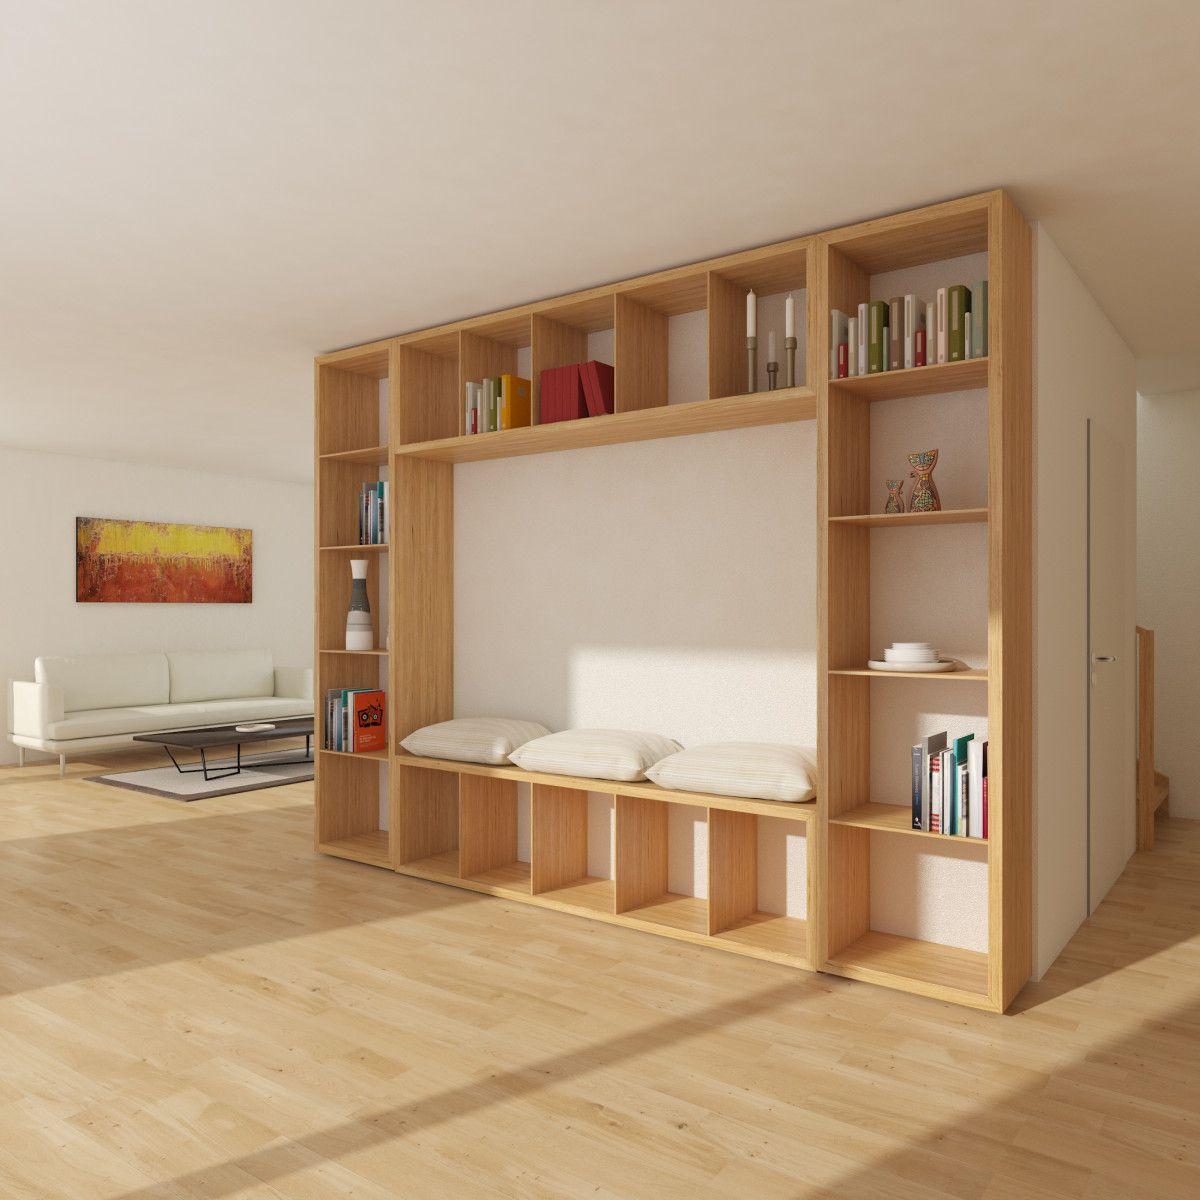 """Wohnzimmer Regal mit Sitzbank Holzhaus innen """"Mein"""